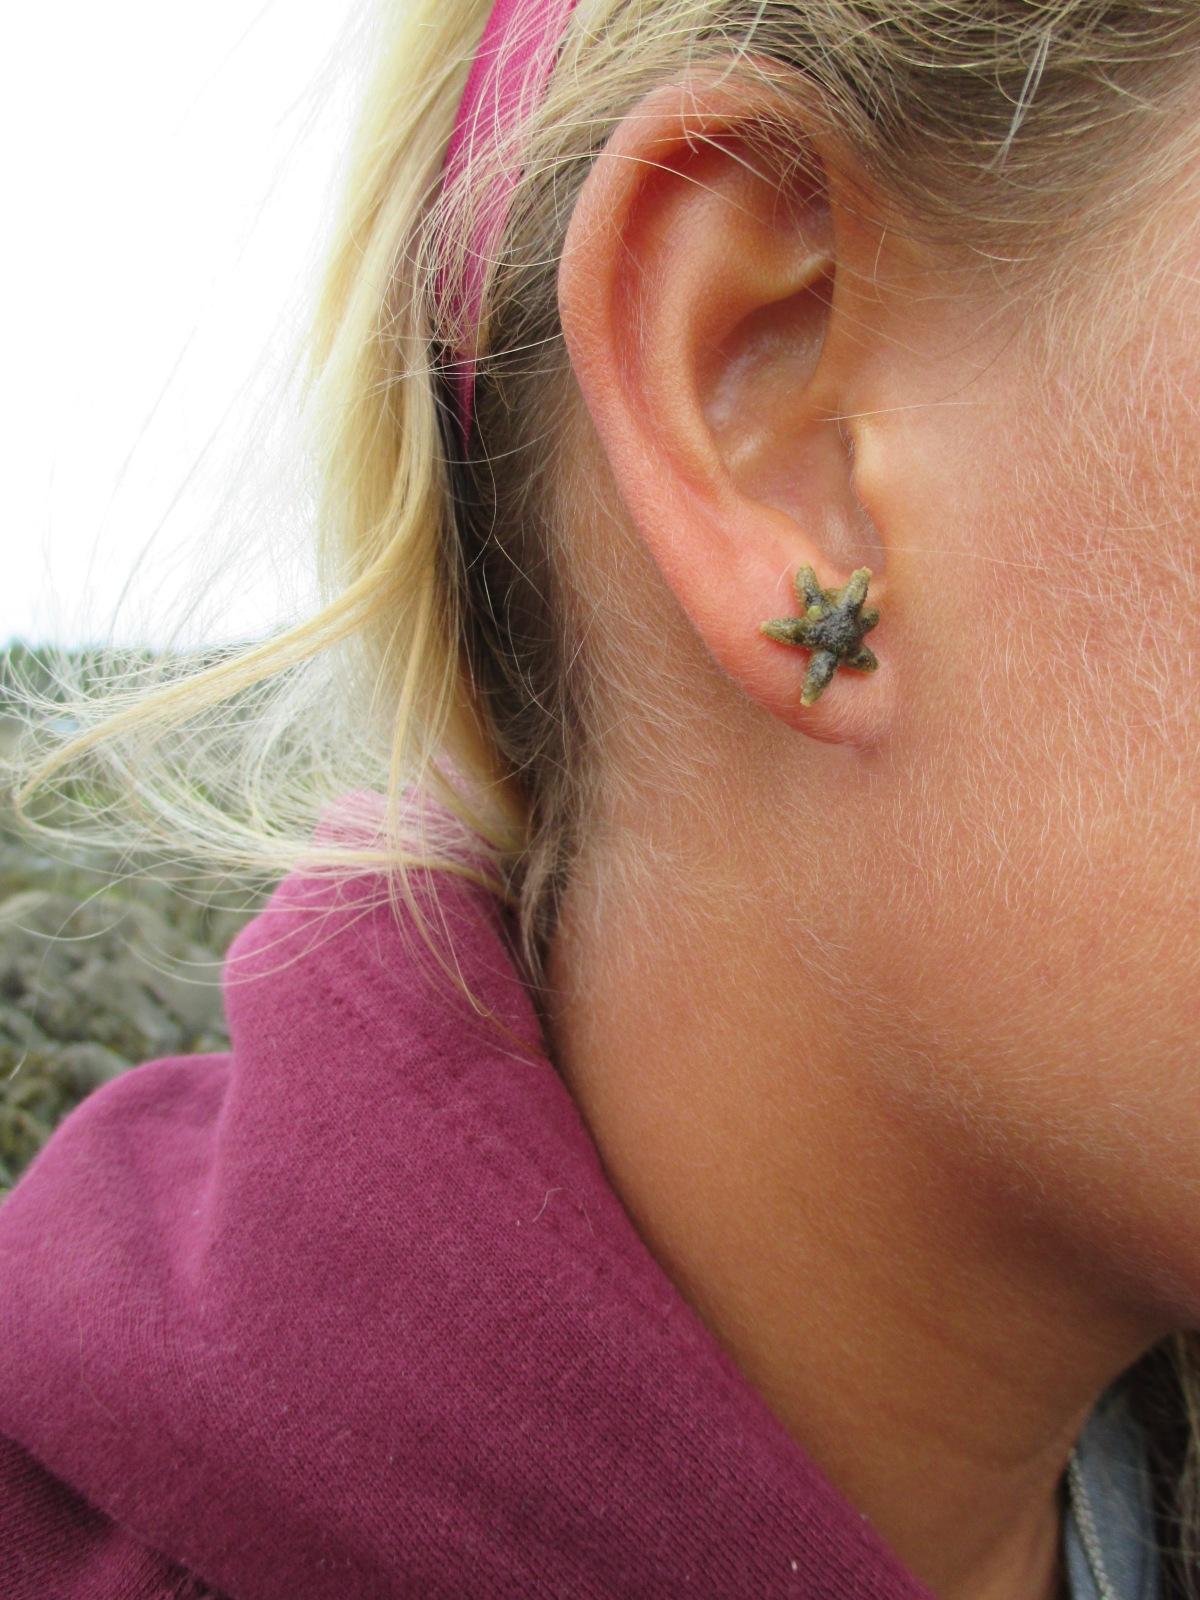 Baby starfish earring